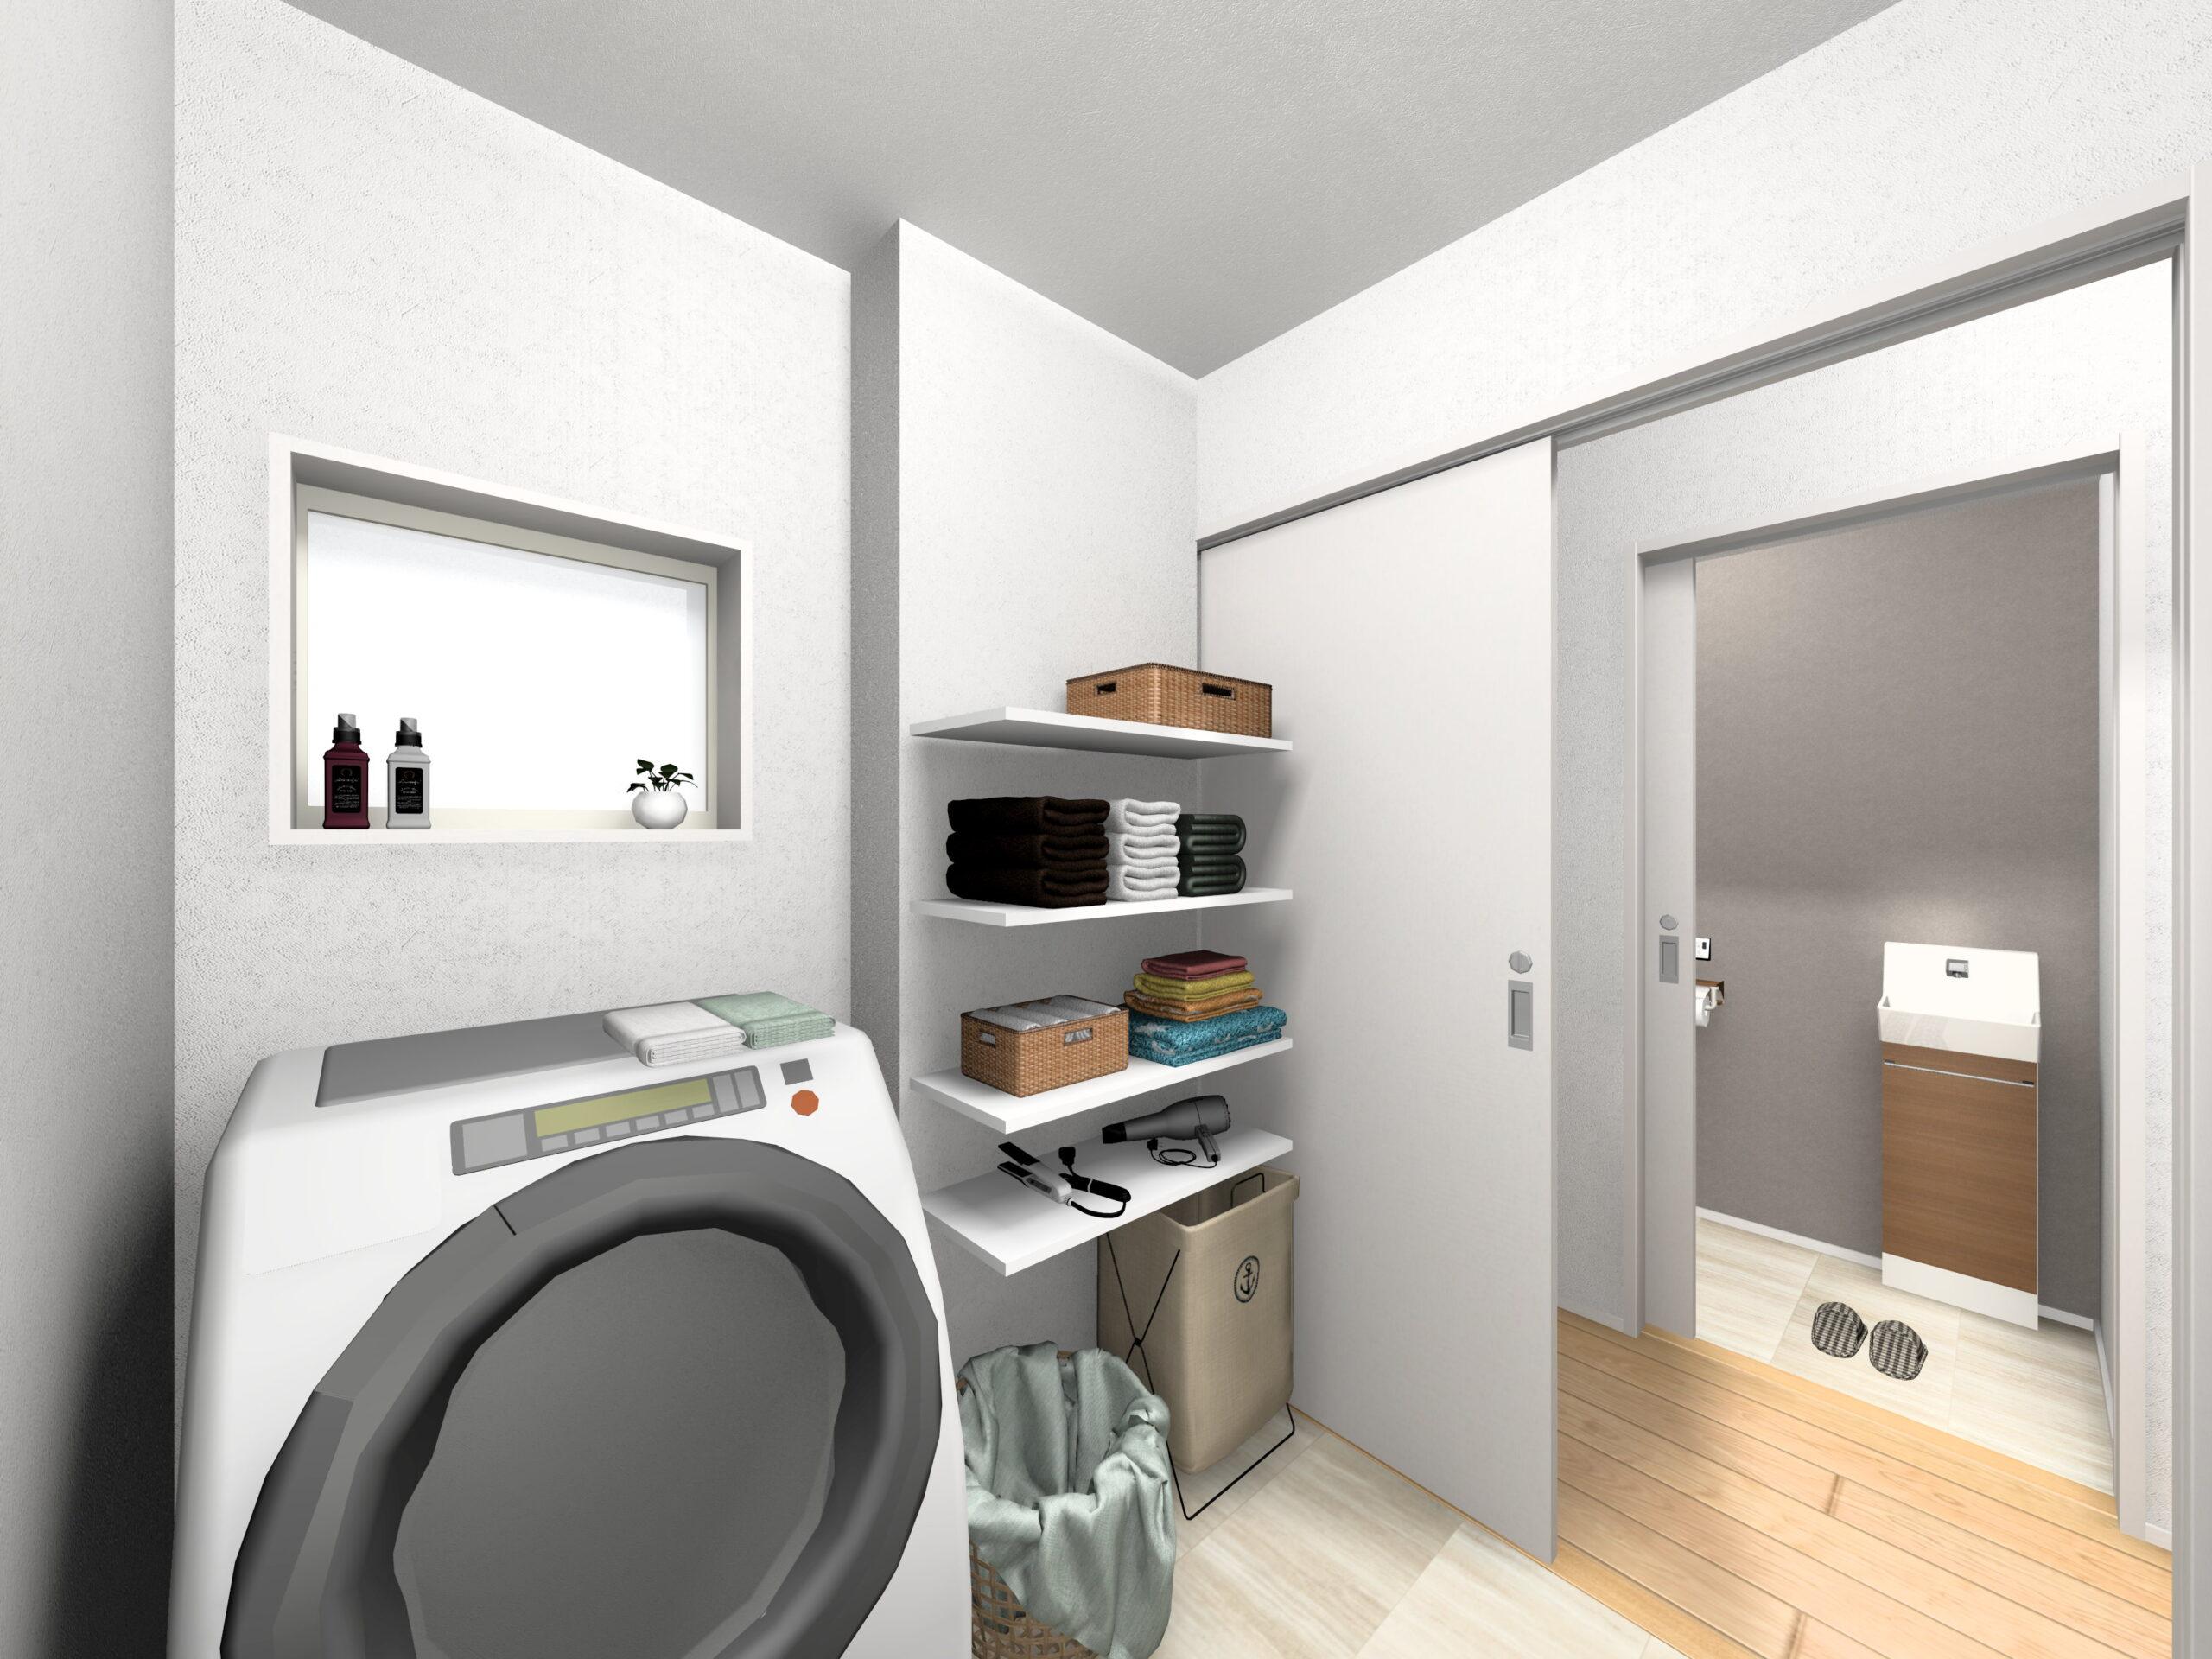 嬉野市新築建売住宅「OURS下野2号地」洗面脱室所パース